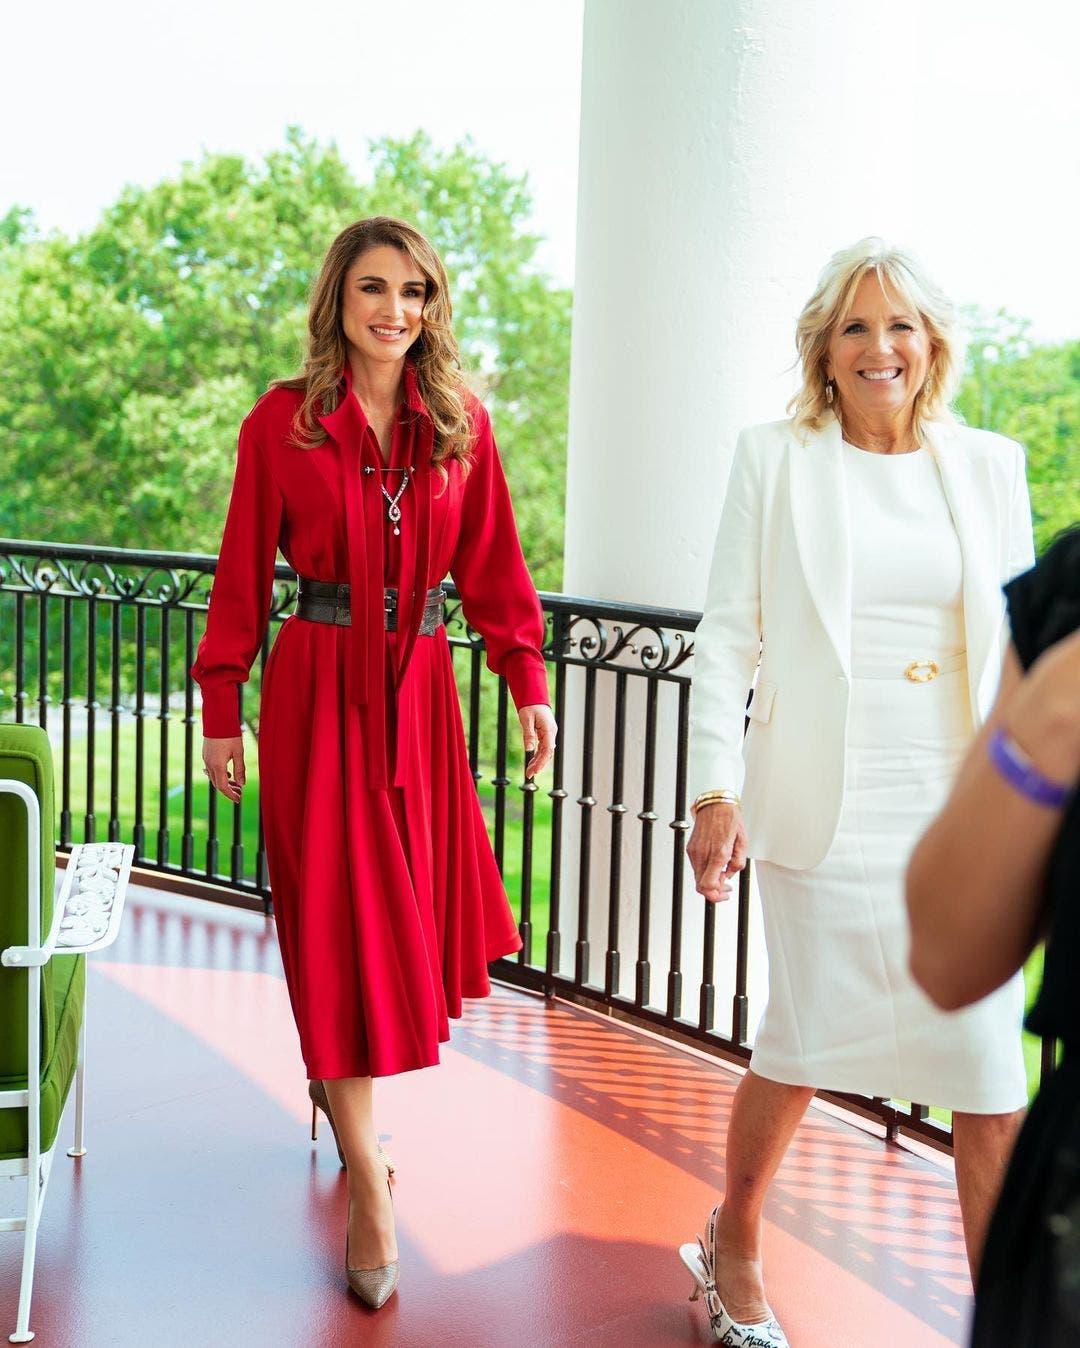 السيدة الأميركية الأولى جيل بايدن في استقبال الملكة رانيا